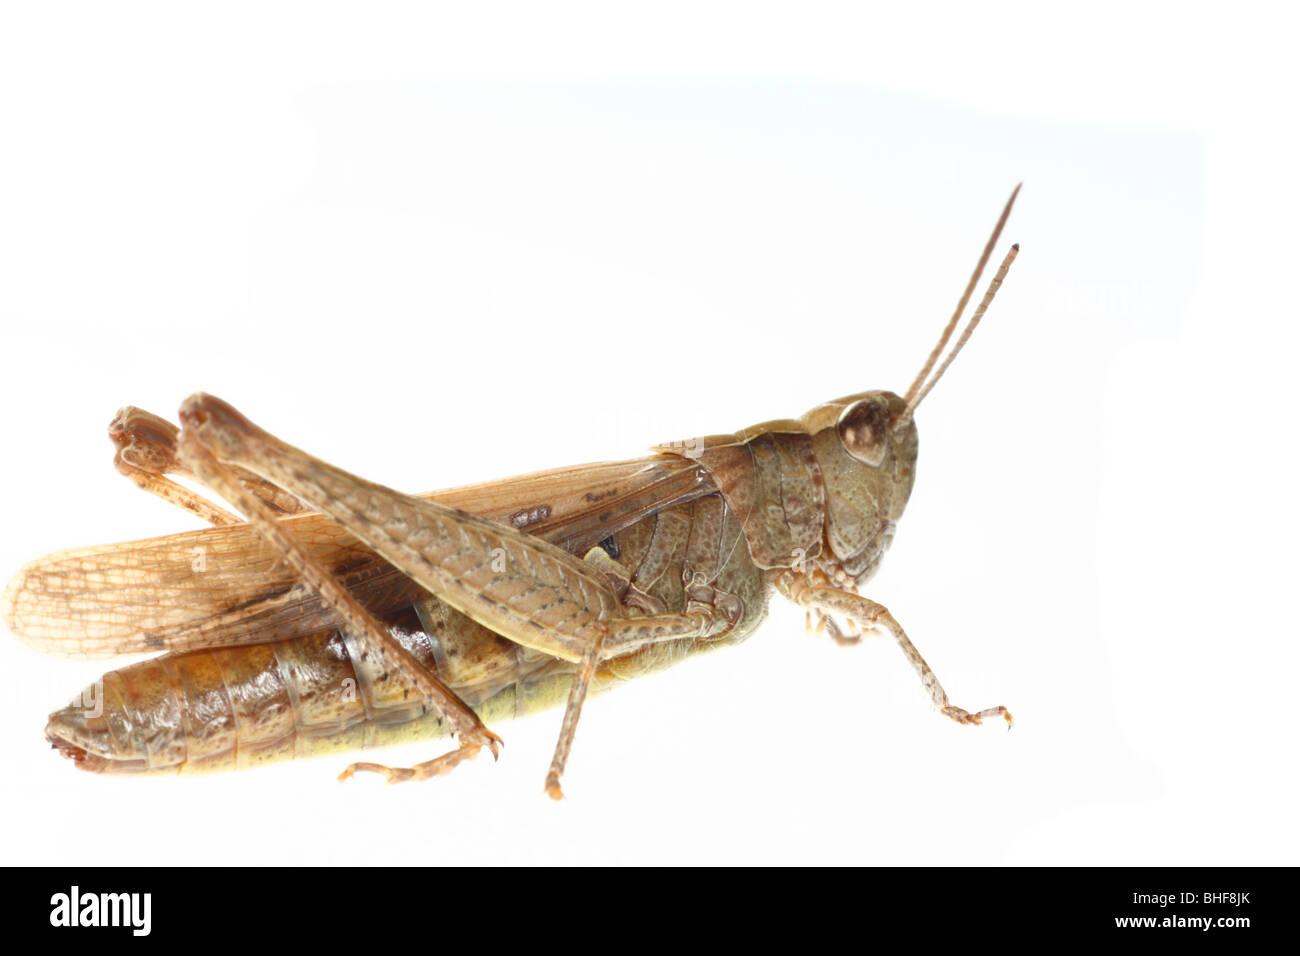 Weibliche Feld-Grashüpfer (Chorthippus Brunneus). Leben Sie Insekt vor einem weißen Hintergrund auf ein Stockbild